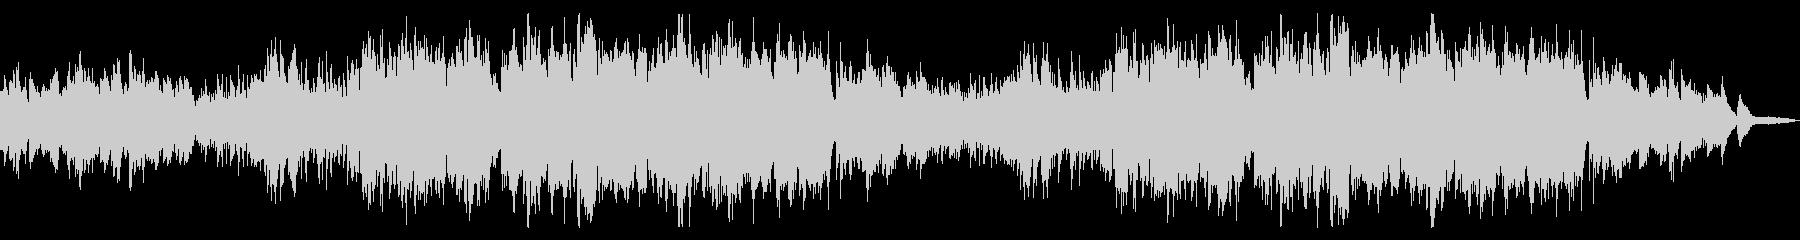 爽やかで透明感のあるシンプルなフルート曲の未再生の波形